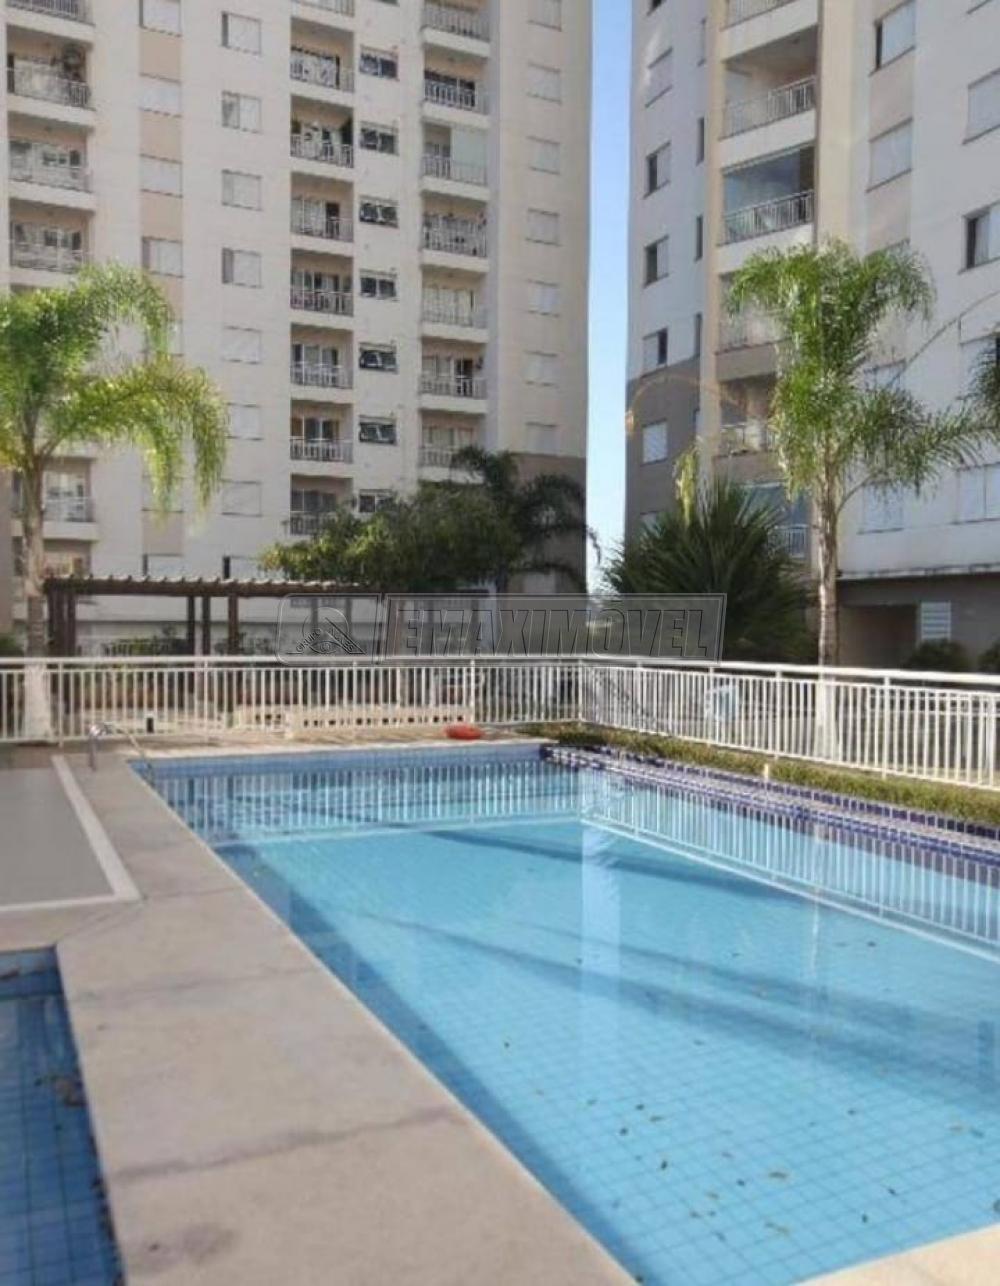 Comprar Apartamento / Padrão em Sorocaba R$ 370.000,00 - Foto 1